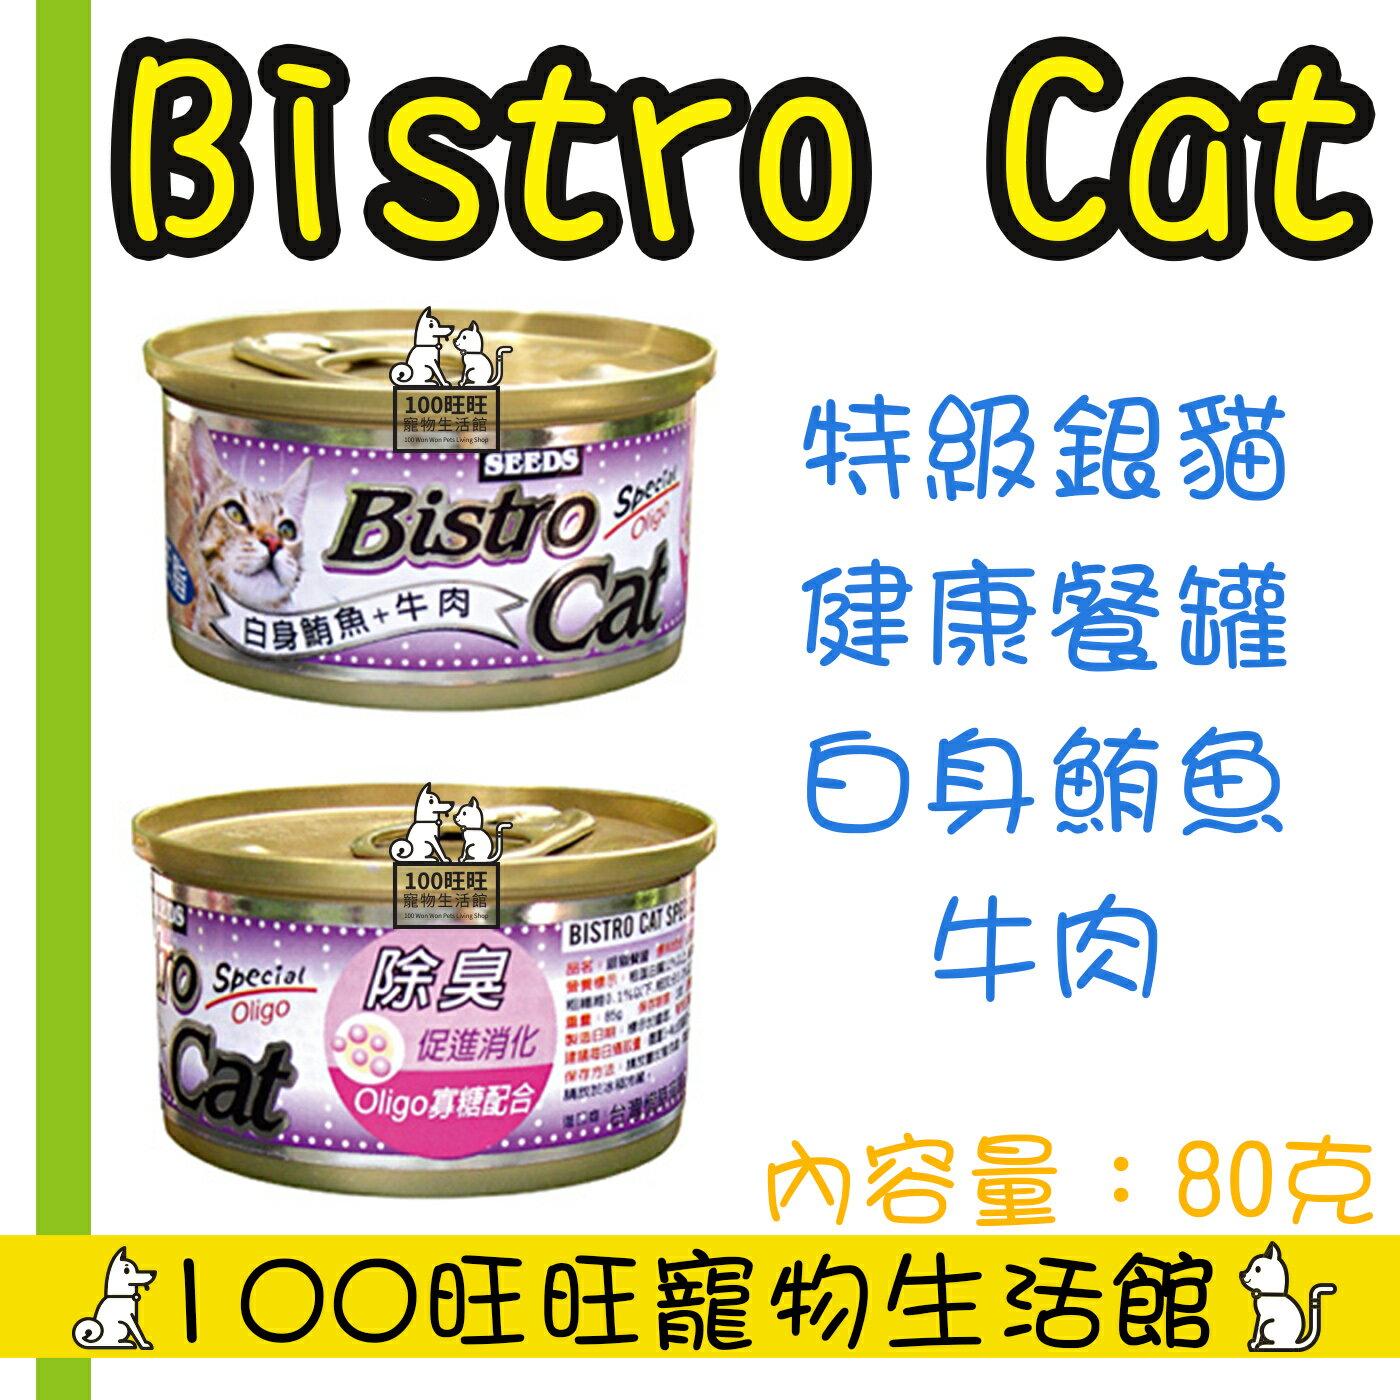 SEEDS 惜時 聖萊西 Bistro cat 特級銀貓健康餐罐 80g 銀罐 小銀 單罐 7